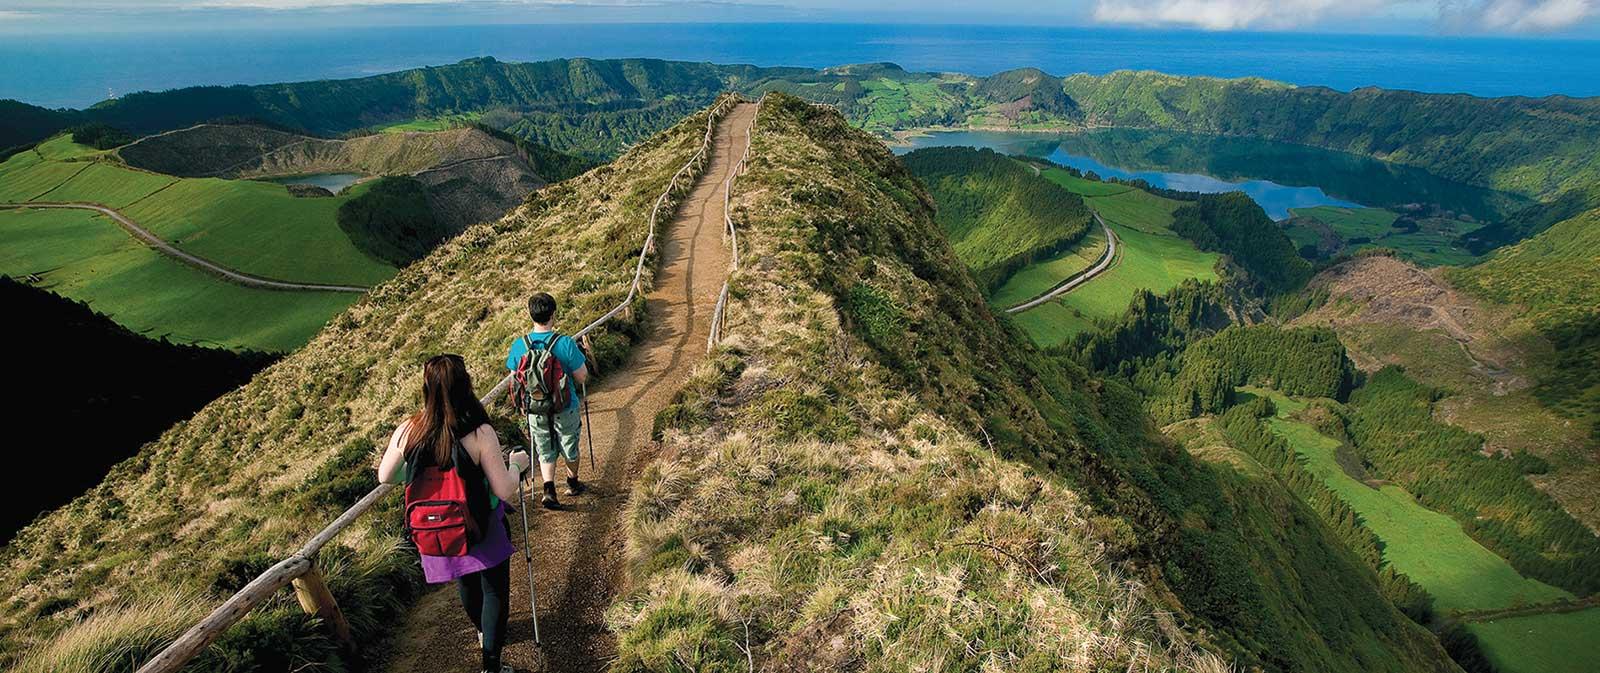 Sentiers vers Sete Cidades et Lagoa do Fogo, lac aux eaux bleutées, l'un des plus beaux sites de l'île de São Miguel